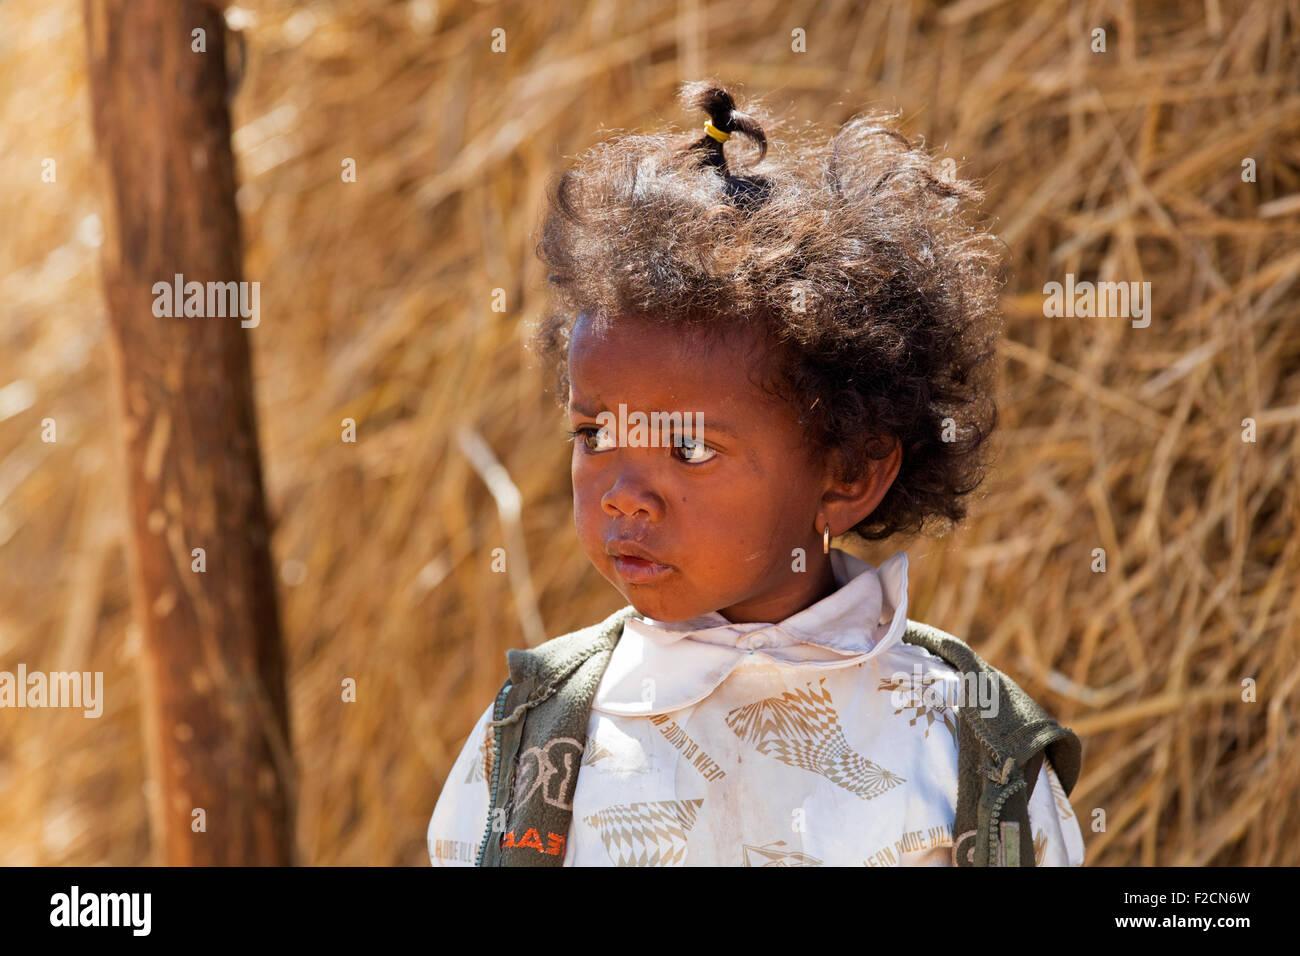 Close up ritratto di bambina della tribù Betsileo, Fianarantsoa, Haute Matsiatra, Madagascar, Africa Sud-est Immagini Stock